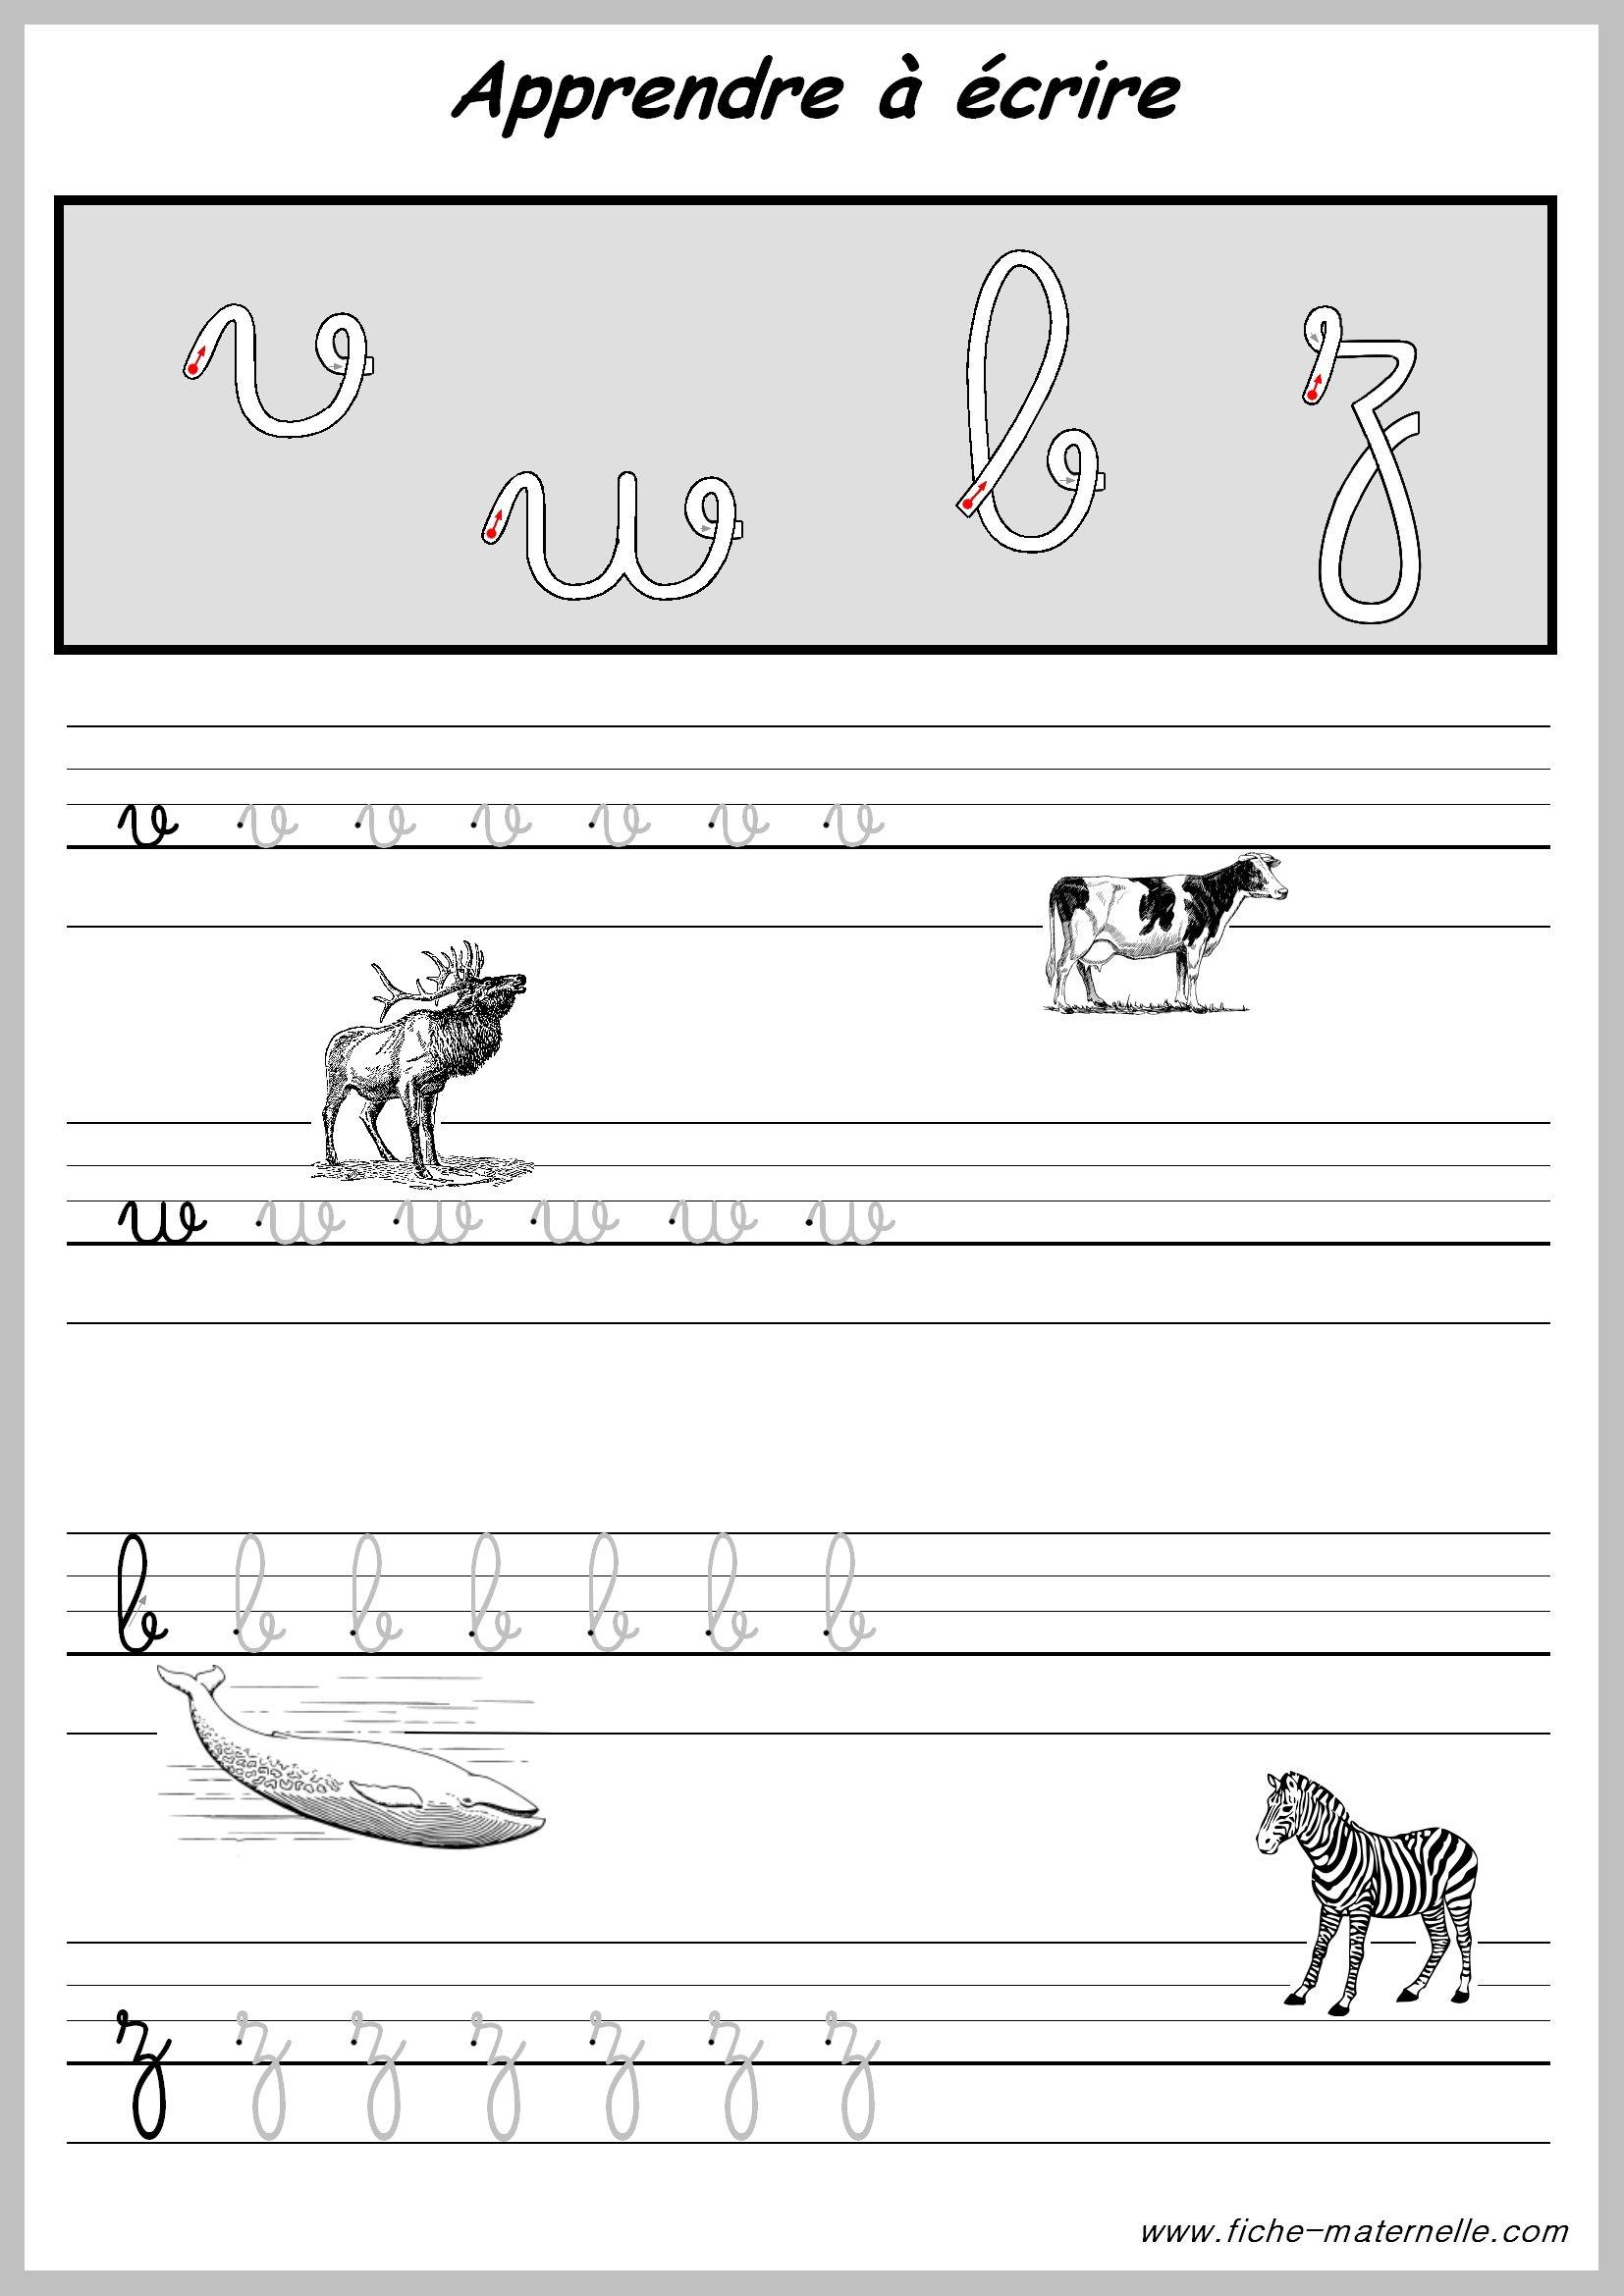 Exercices Pratiques Pour Apprendre A Ecrire